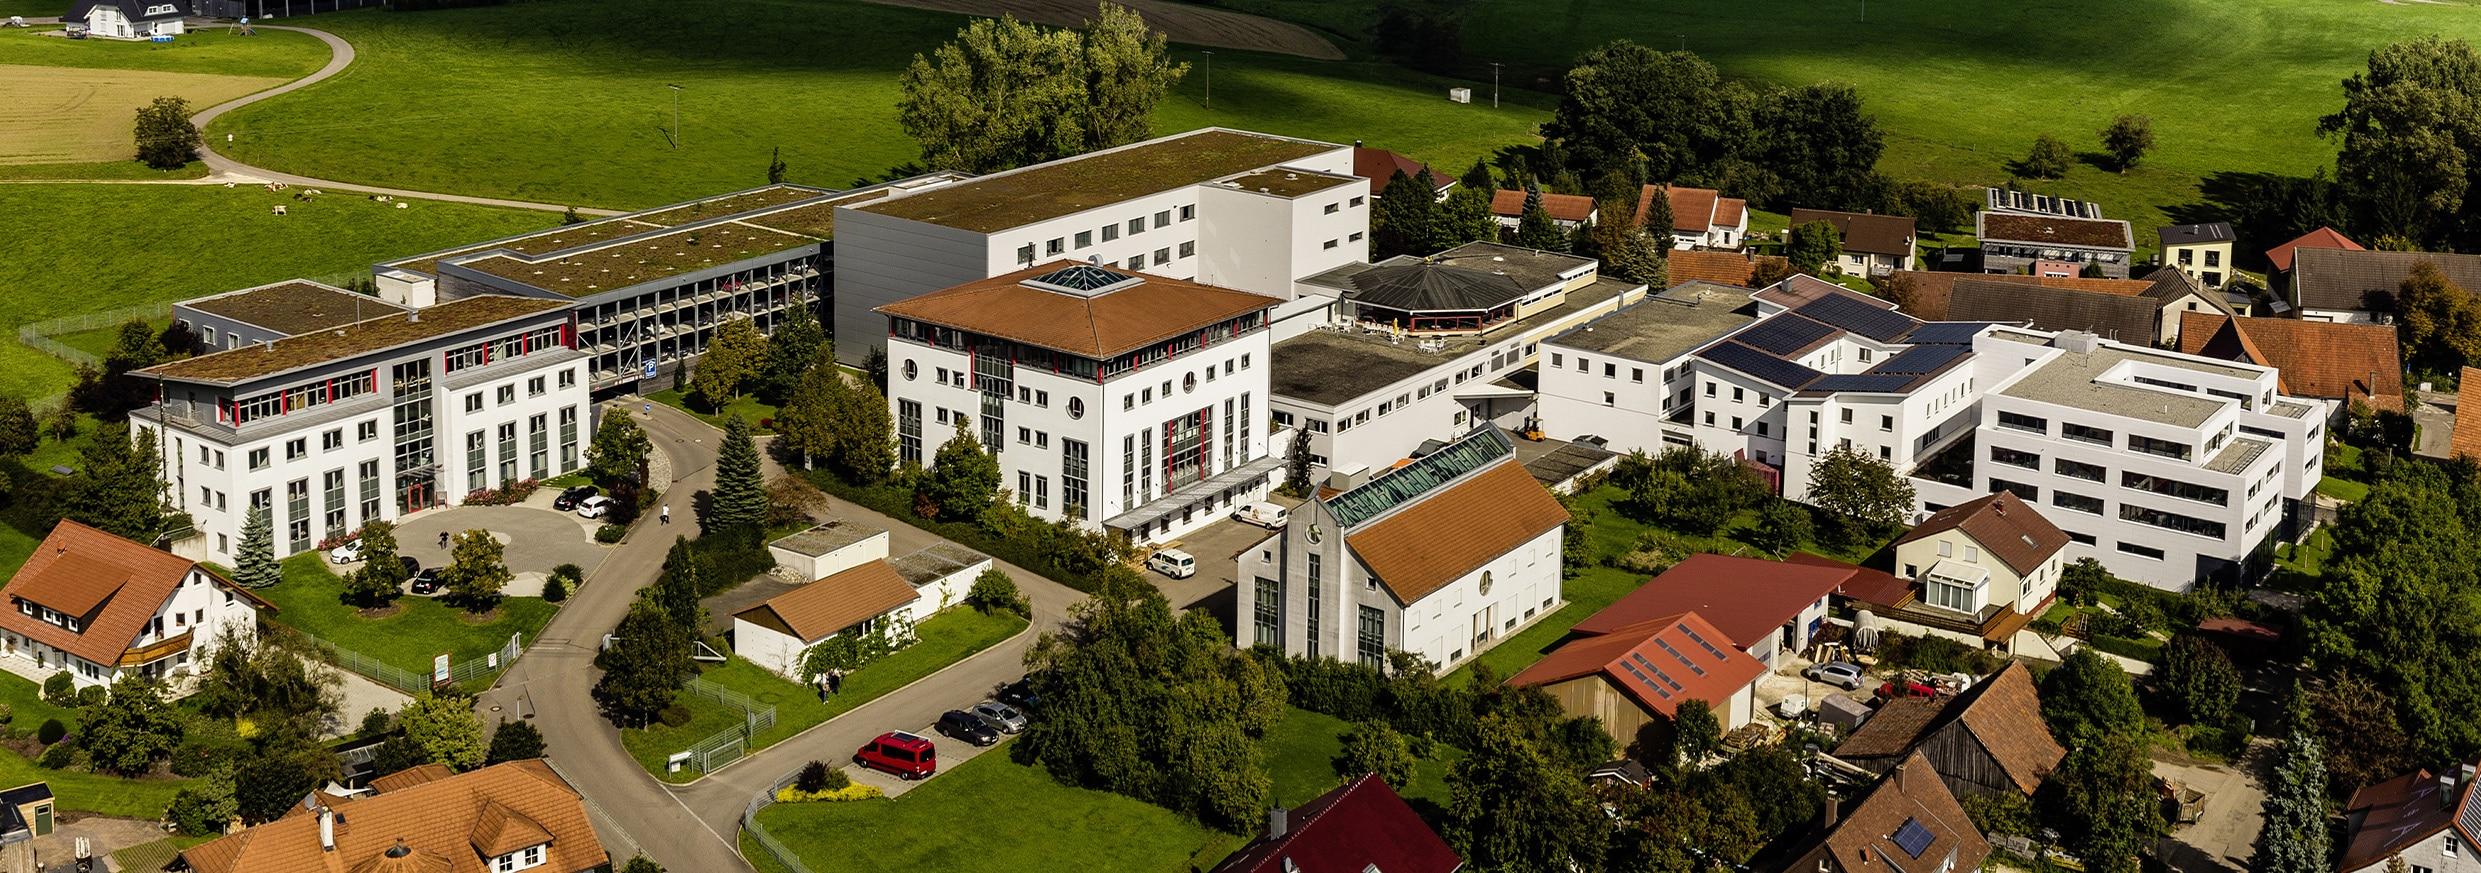 Luftaufnahme TELENOT Hauptsitz in Aalen